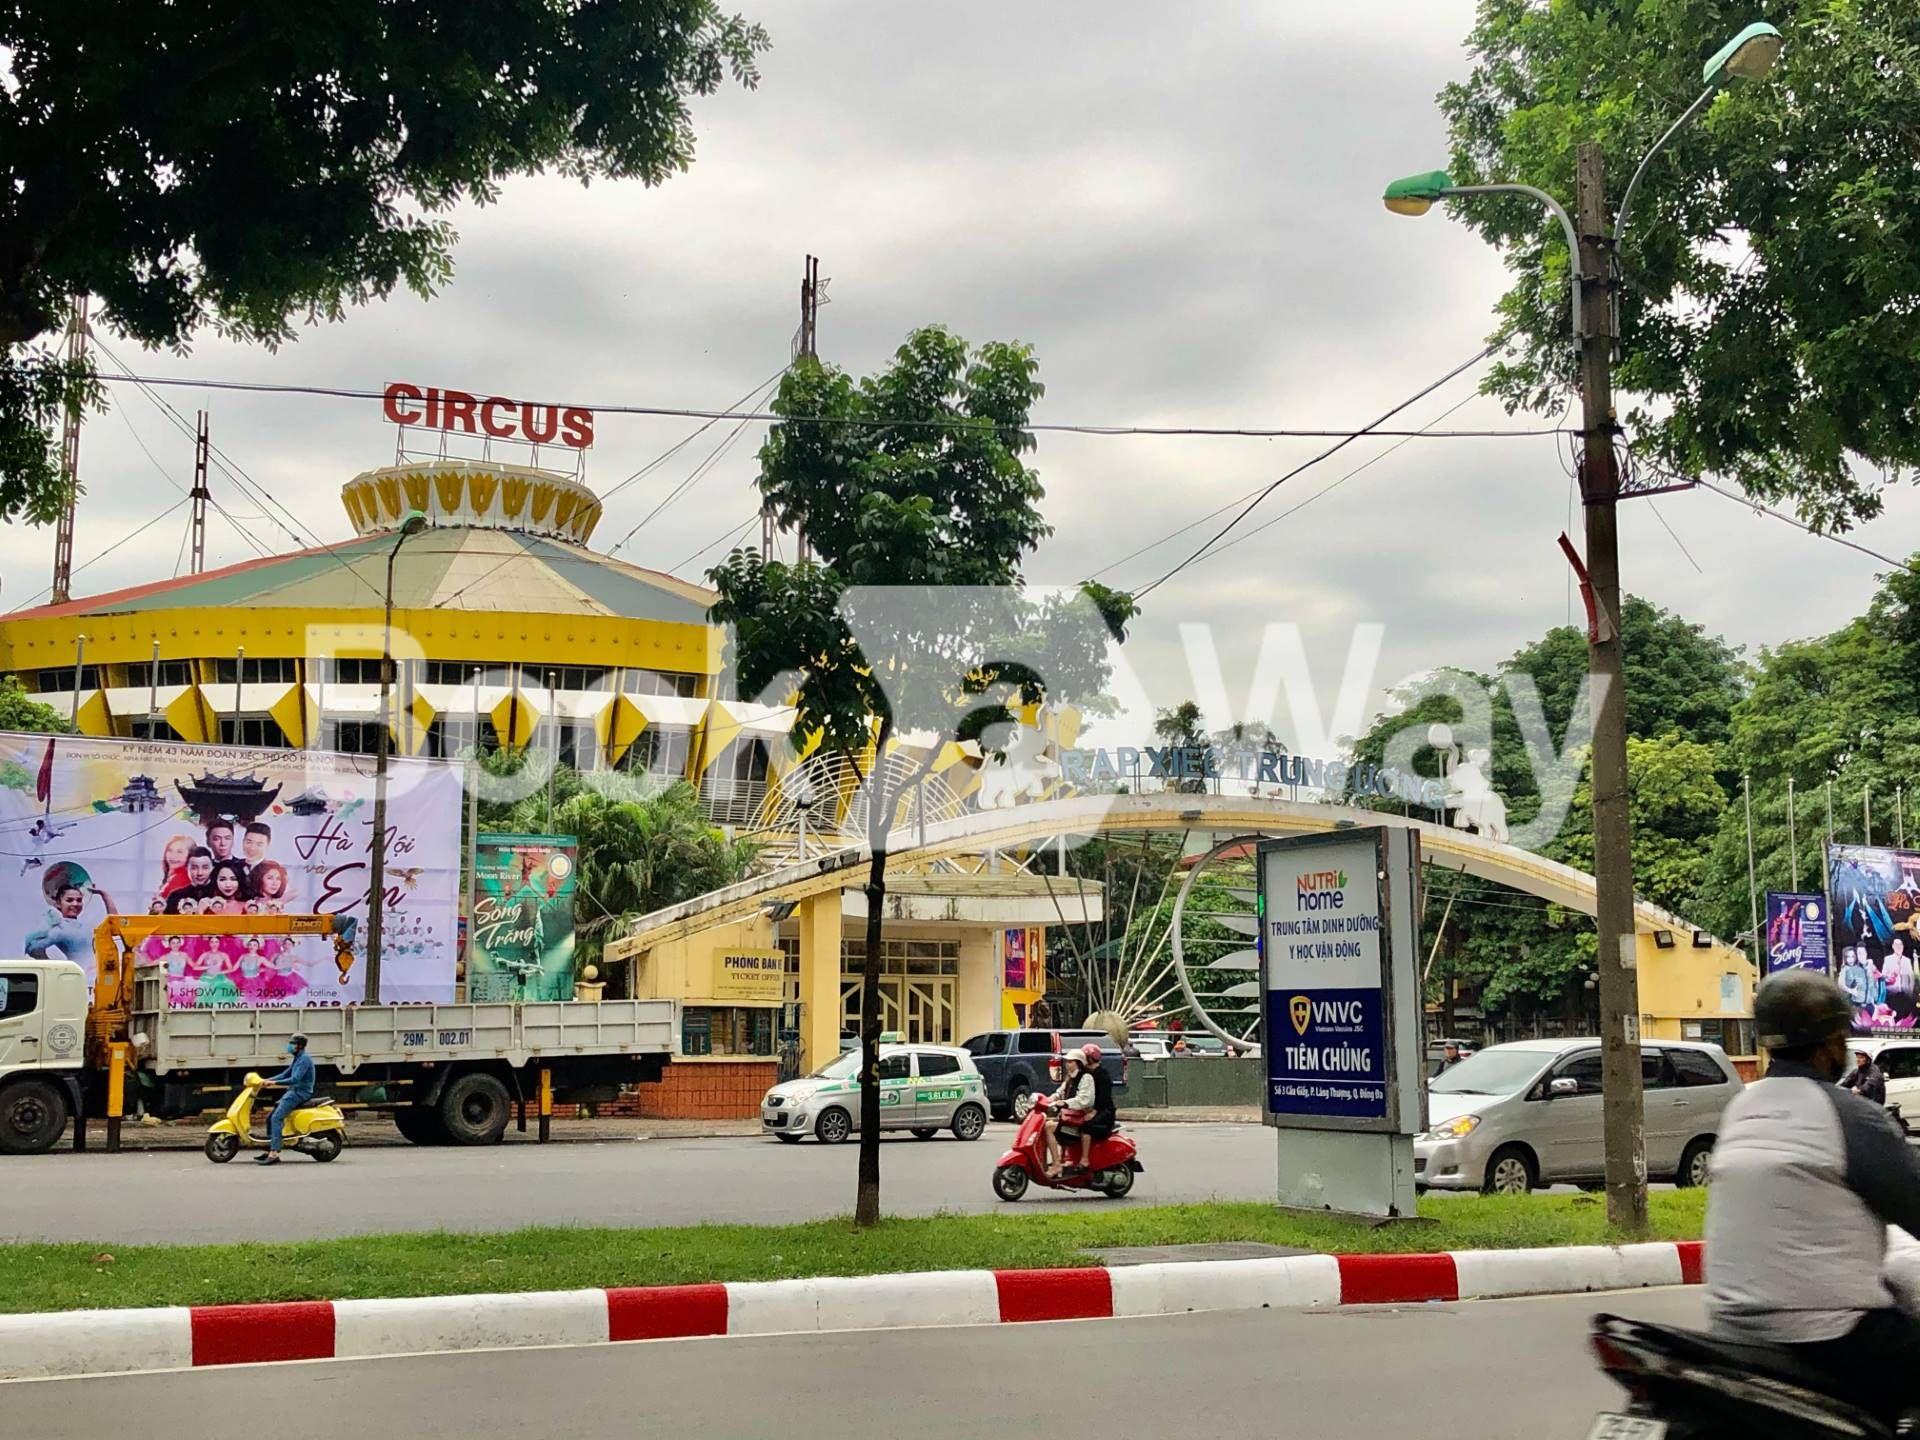 Central Circus